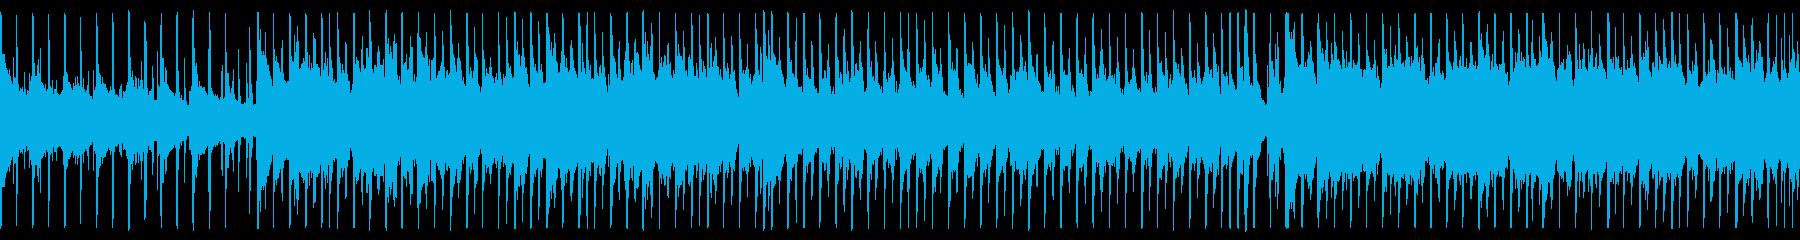 ループ済アコギがメインのカントリーPOPの再生済みの波形